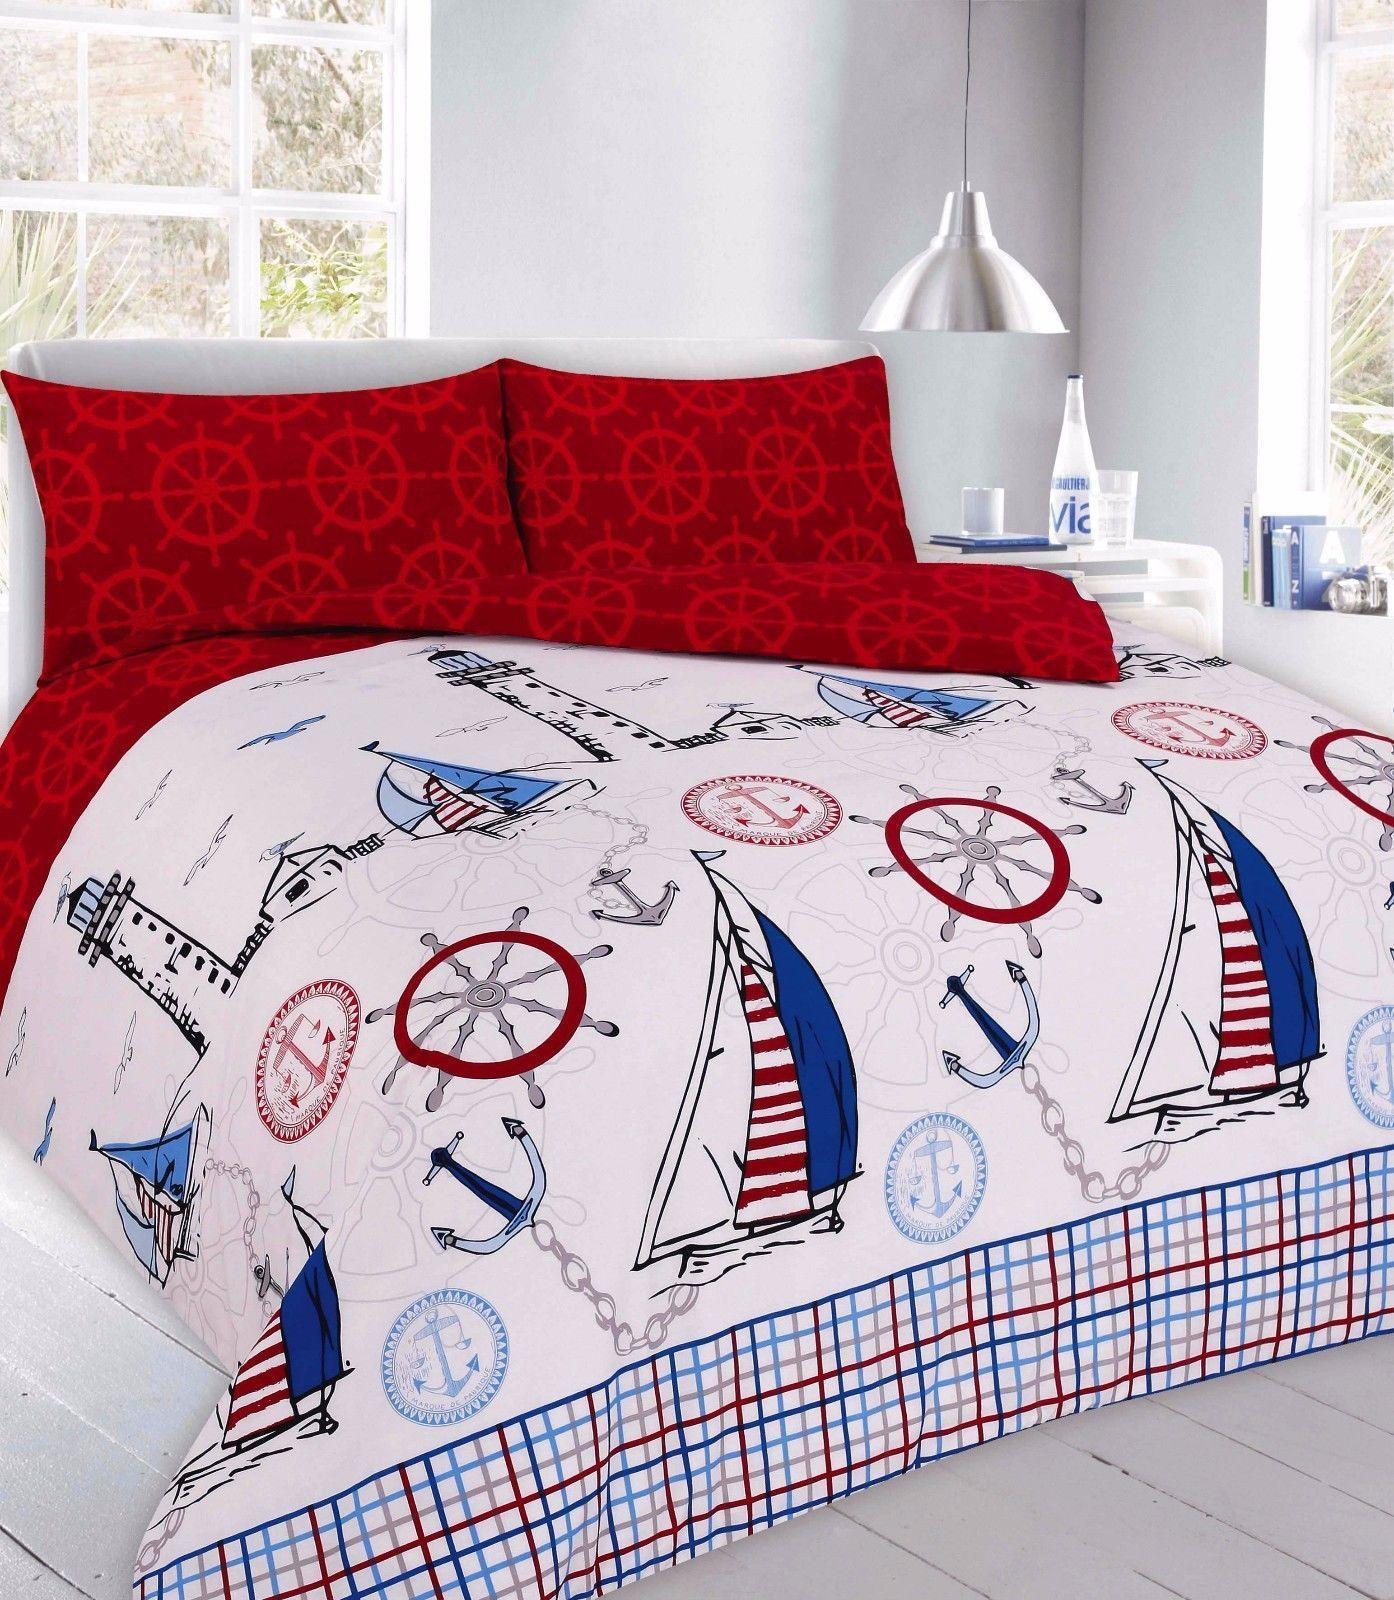 Jake duvet cover set wholesale bedding store de lavish for Jake quilted bedding